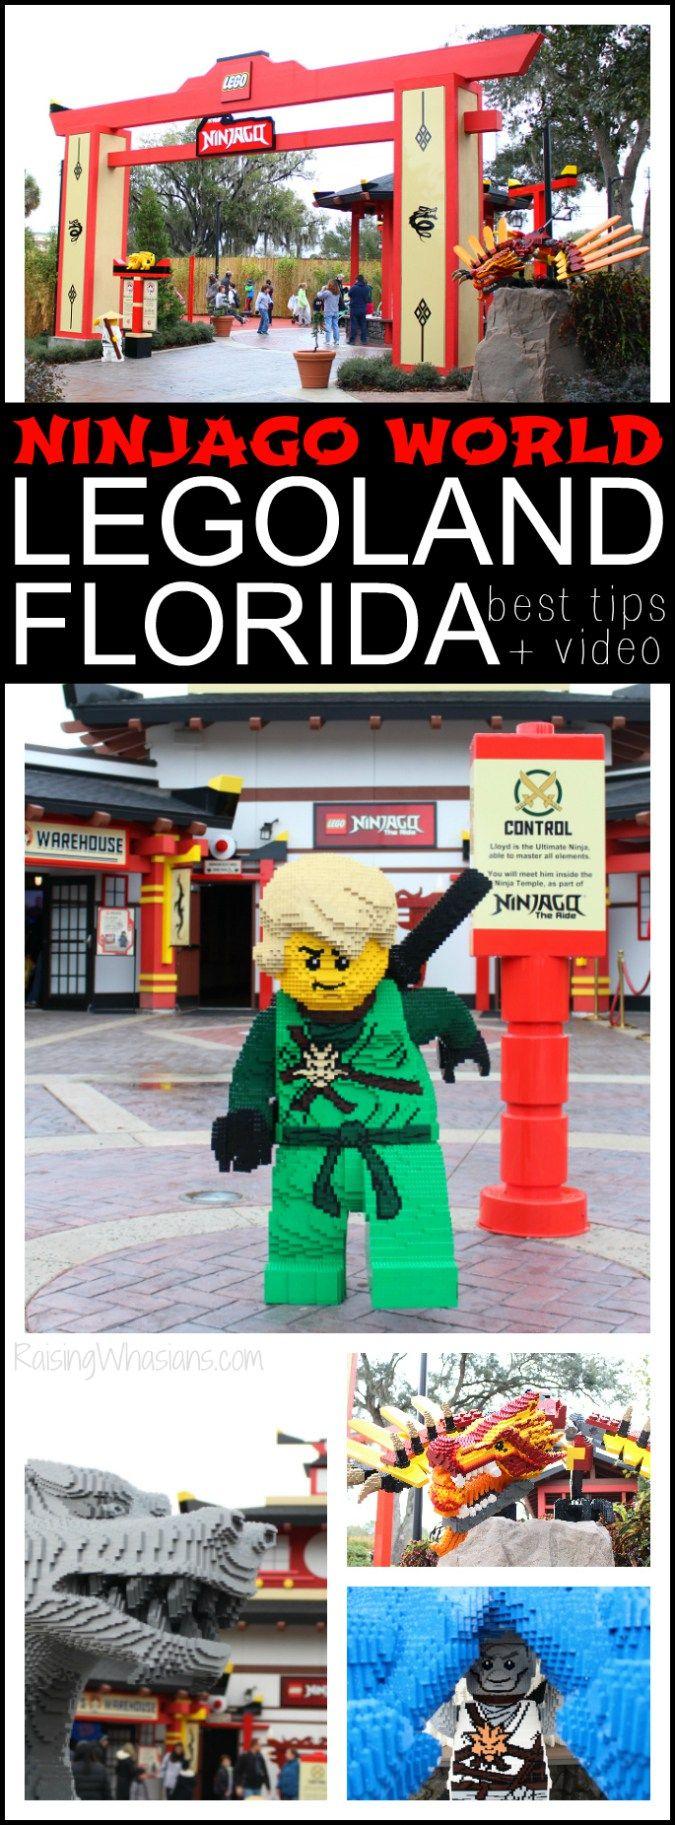 5 Tips for Exploring Ninjago World at LEGOLAND Florida + Video